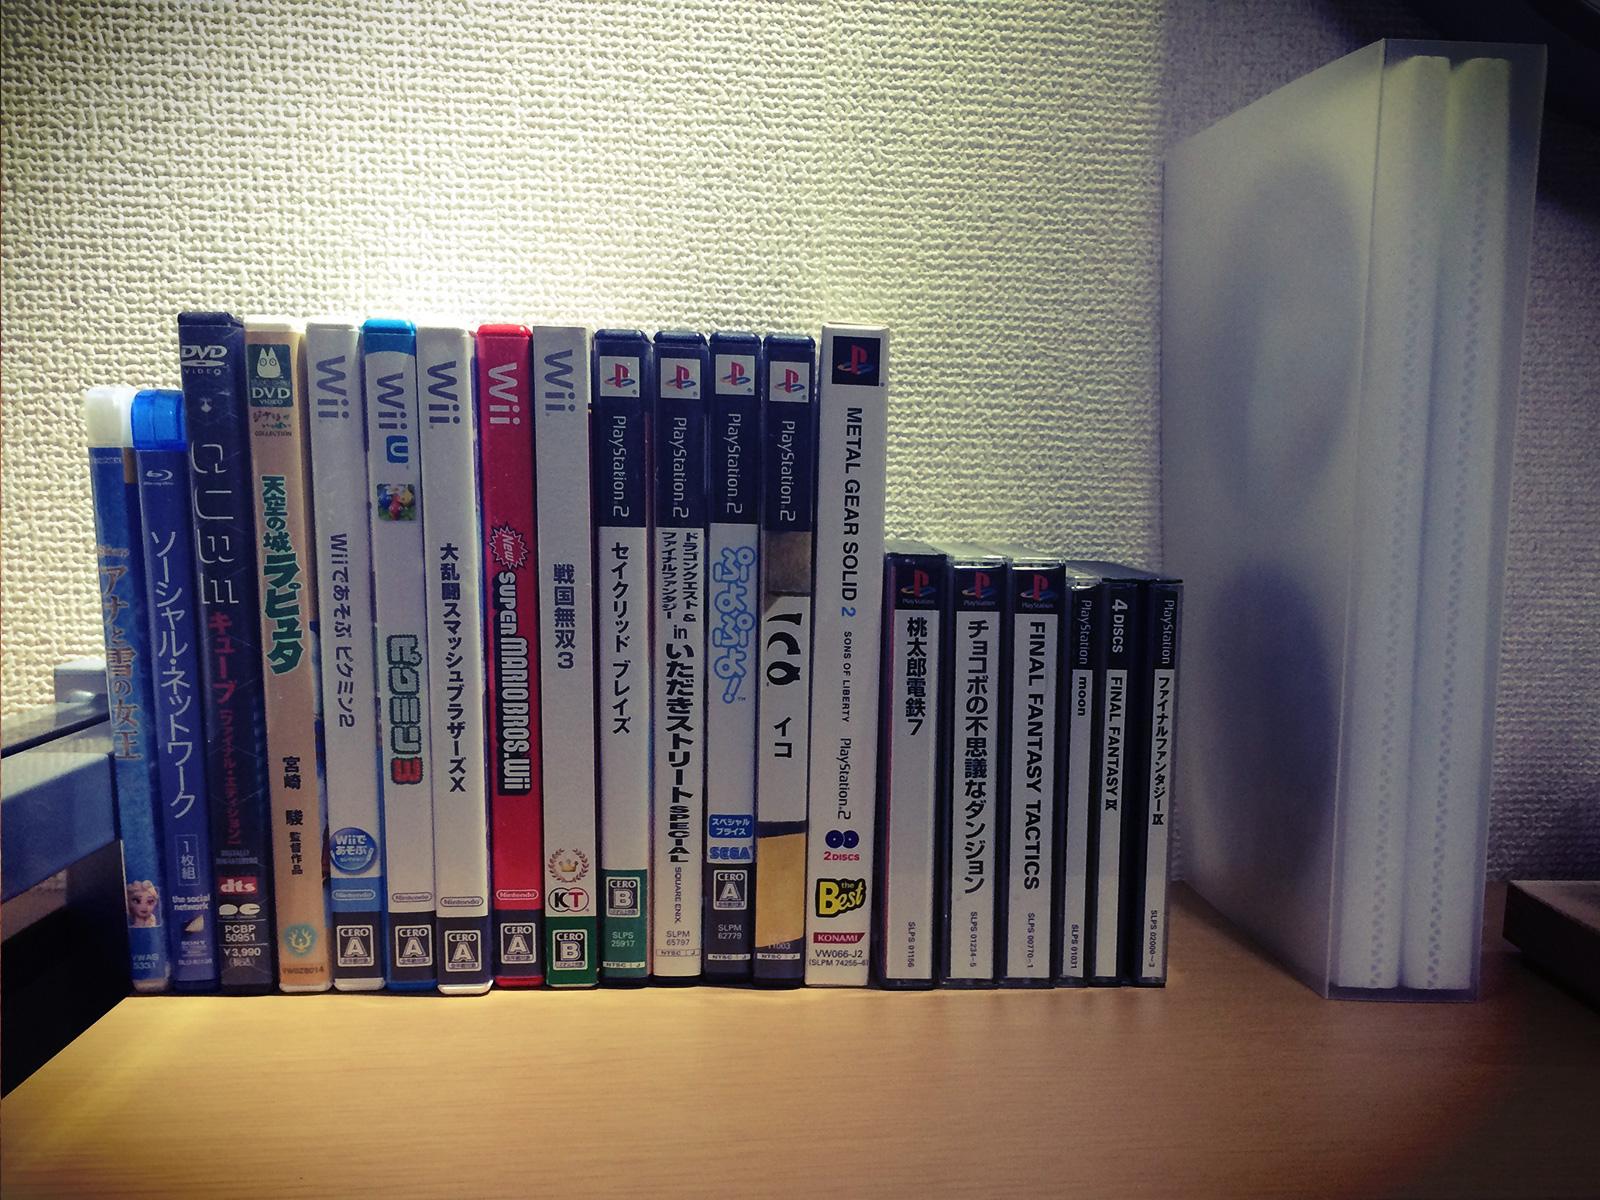 ゲームと映画のディスクをファイリング